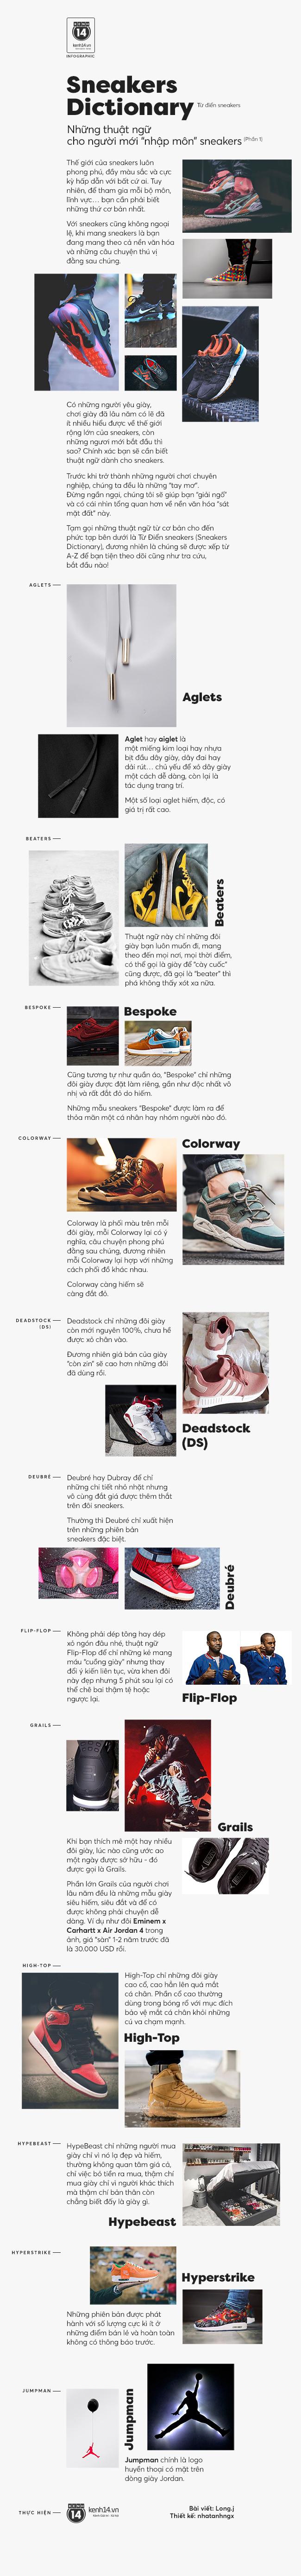 """Sneakers Dictionary - Những thuật ngữ cho người mới """"nhập môn"""" sneakers (Phần 1) - Ảnh 1."""